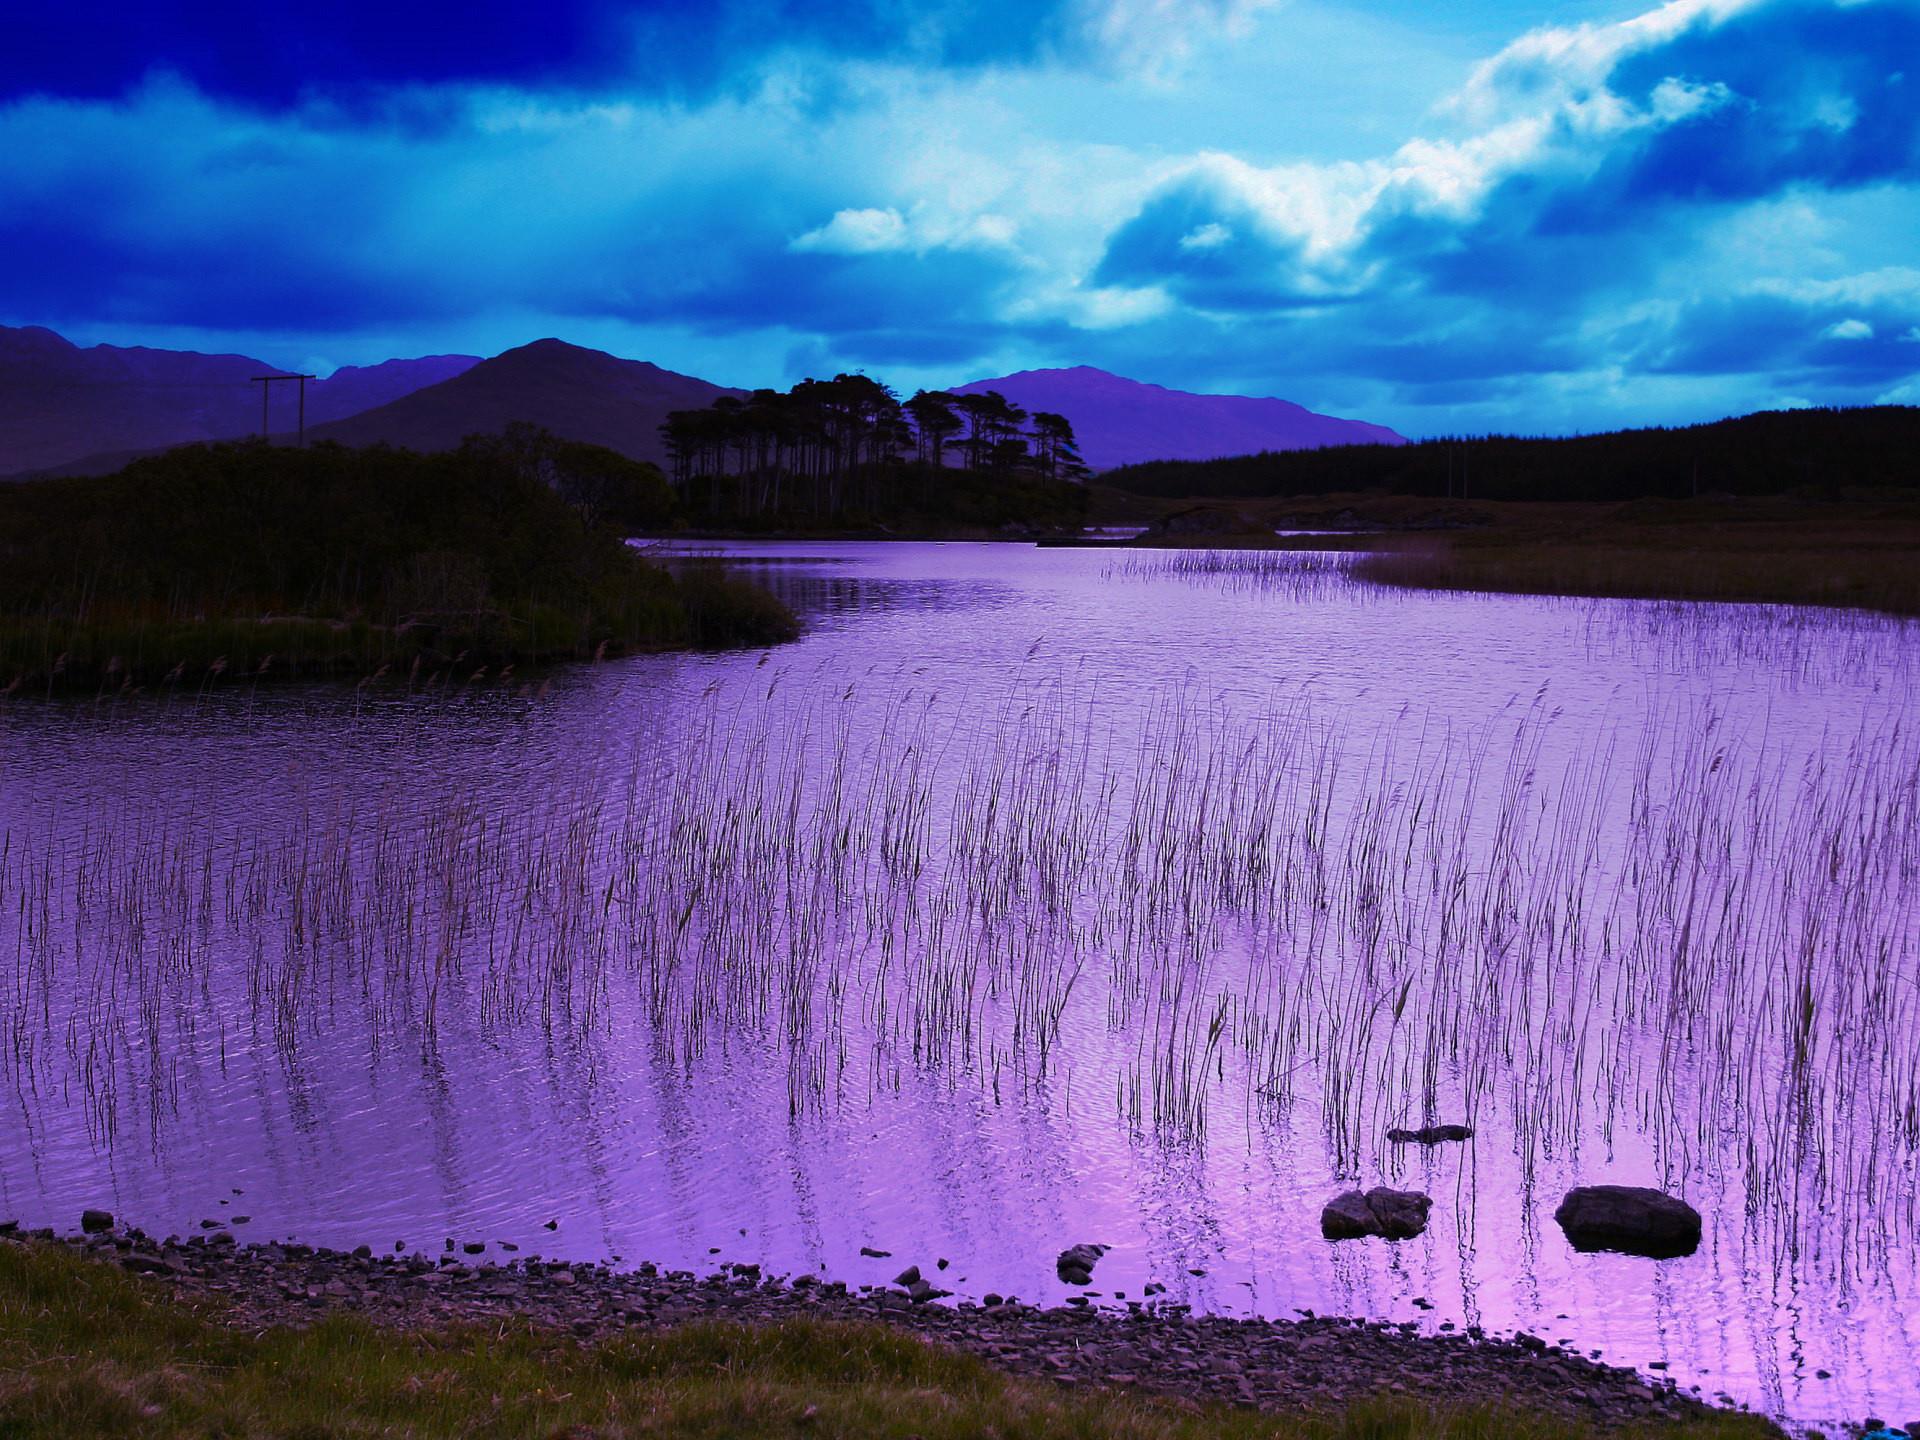 Purple Wallpapers 12 Best Wallpapers Collection Desktop: Nexus Desktop Wallpaper Nature (60+ Images